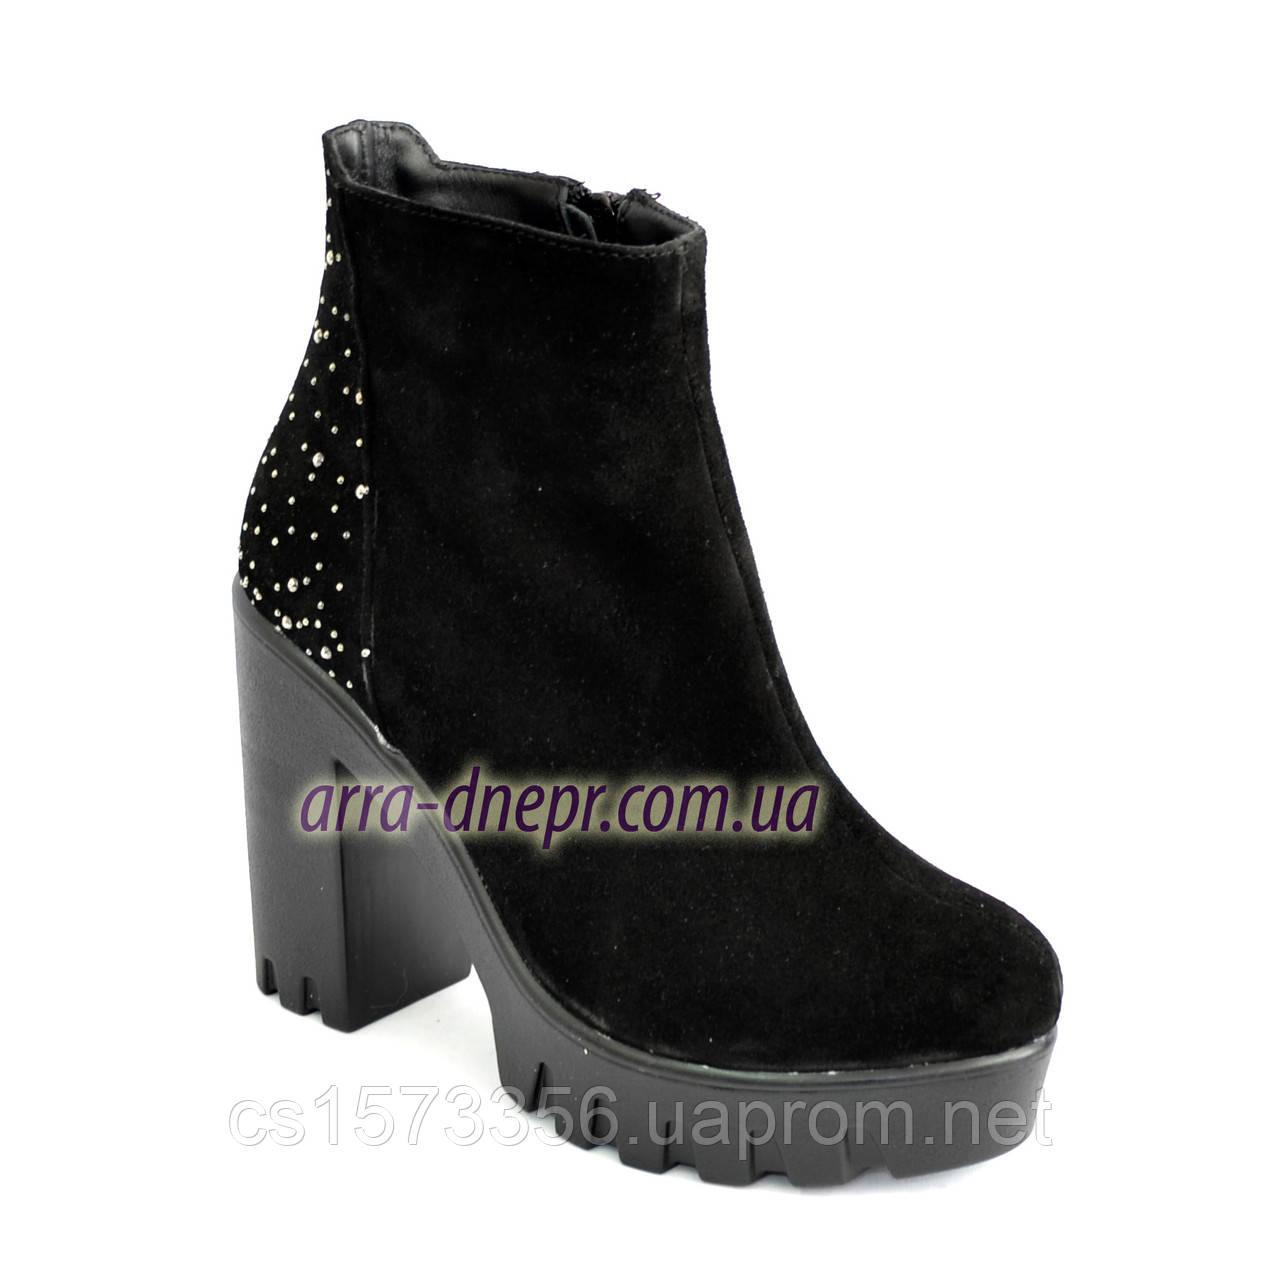 Демисезонные женские классические ботинки на высоком каблуке, из натуральной замши черного цвета